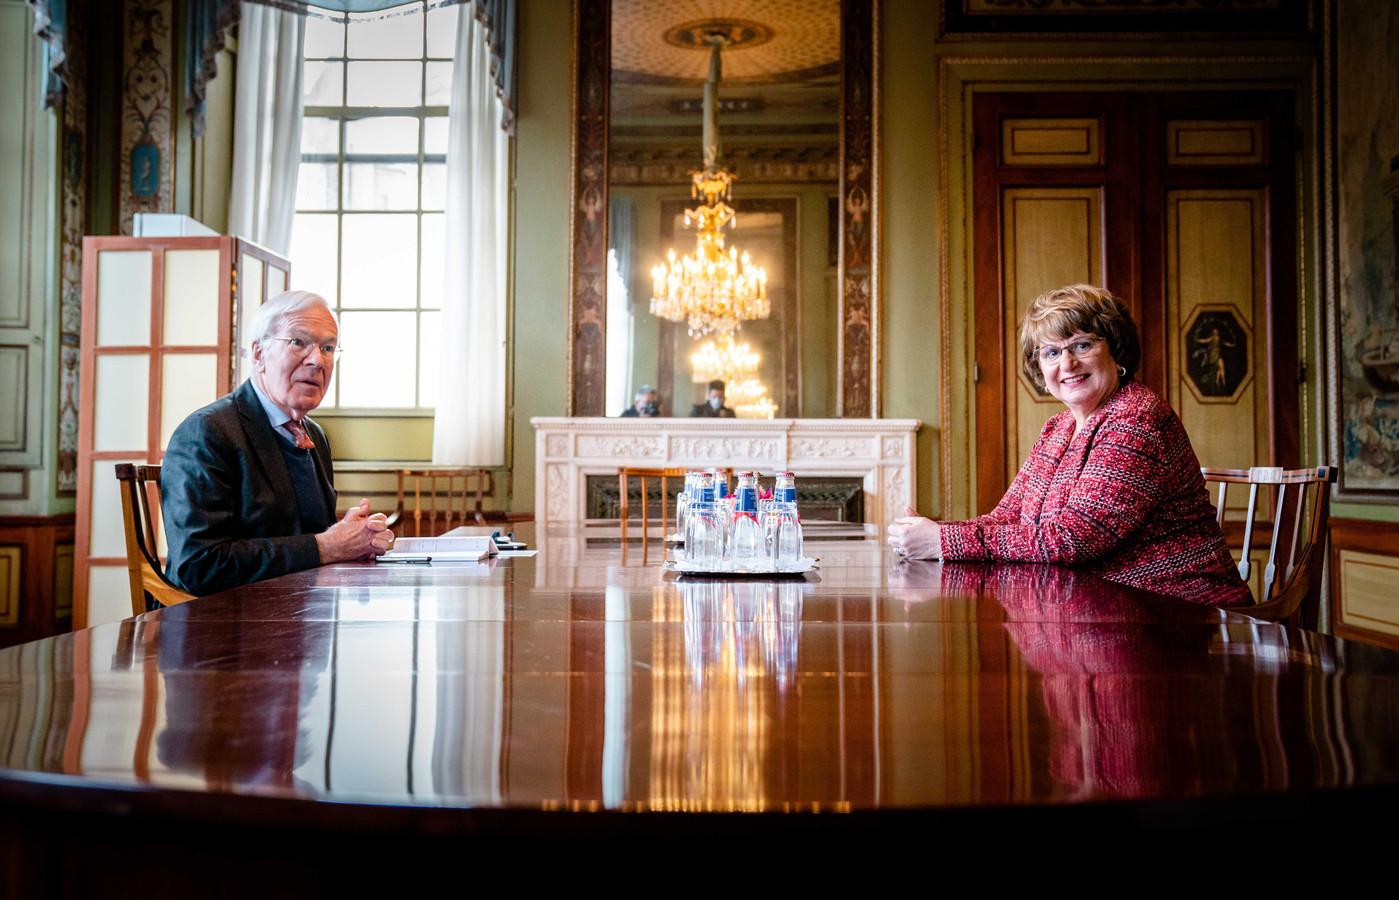 Informateur Herman Tjeenk Willink ontving Mariette Hamer eerder als voorzitter van de Sociaal Economische Raad (SER) voor advies voor diens verslag.